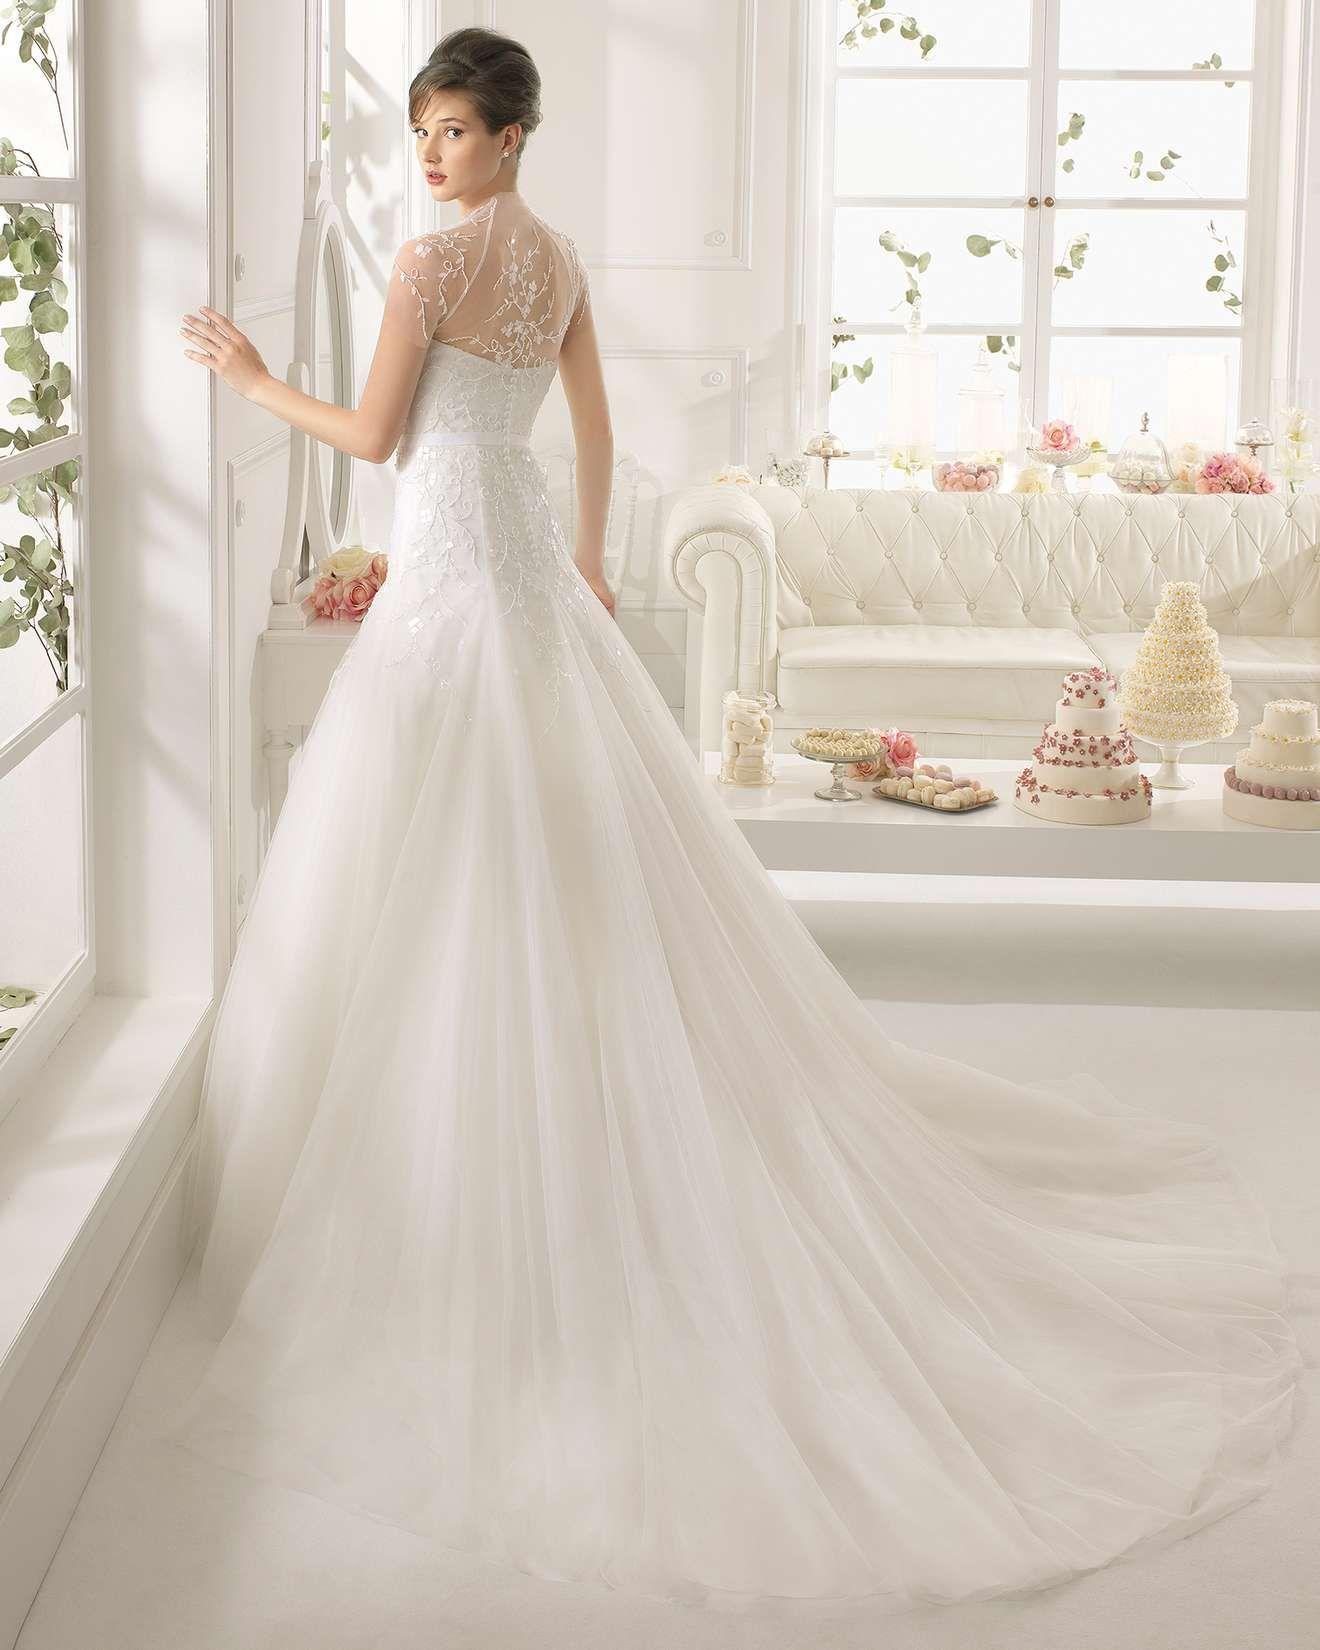 Aire barcelona wedding dresses  Платья  Американский стиль фото   идей  года на Невеста